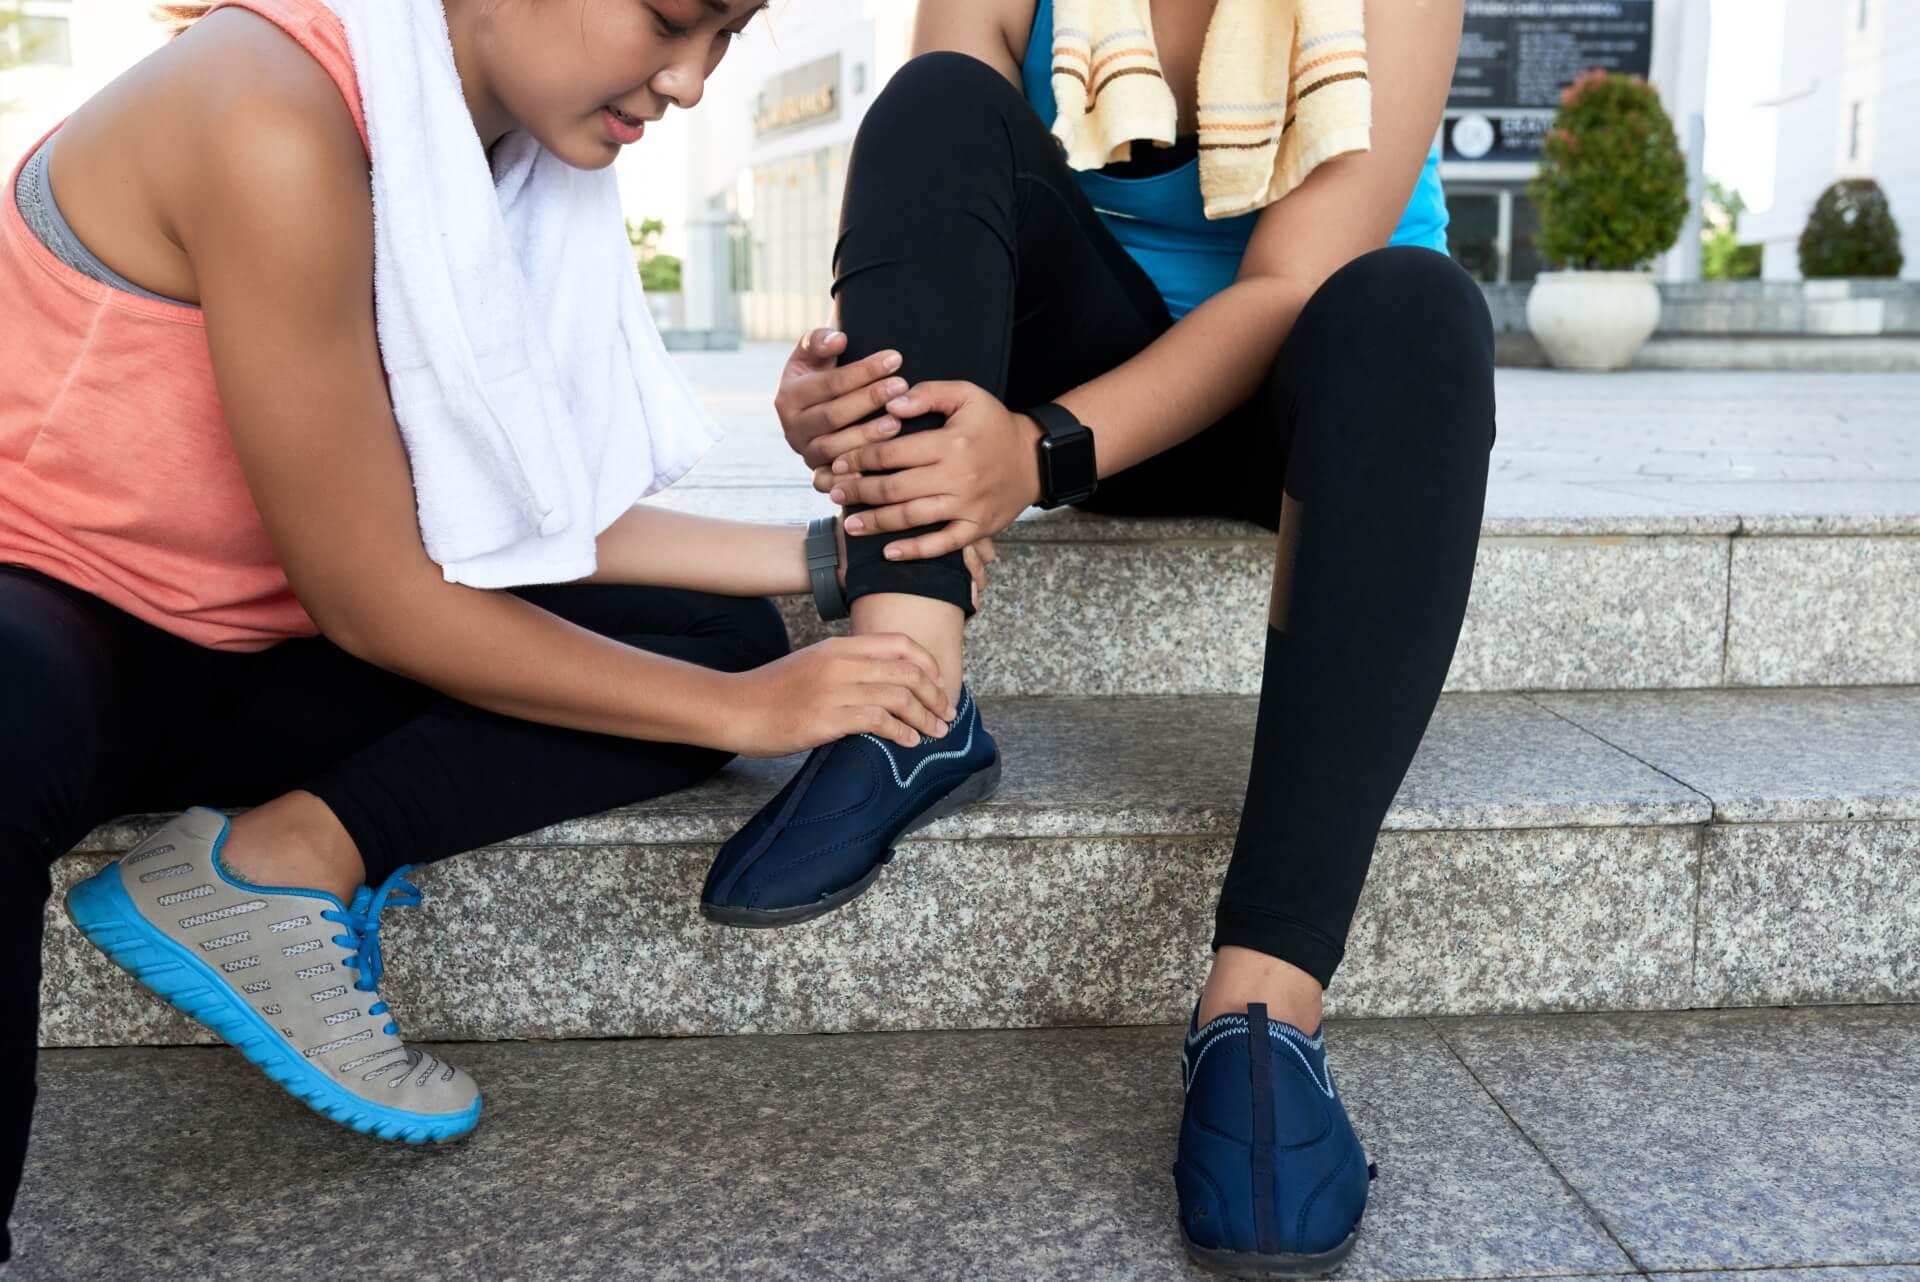 Inestabilidad crónica de tobillo